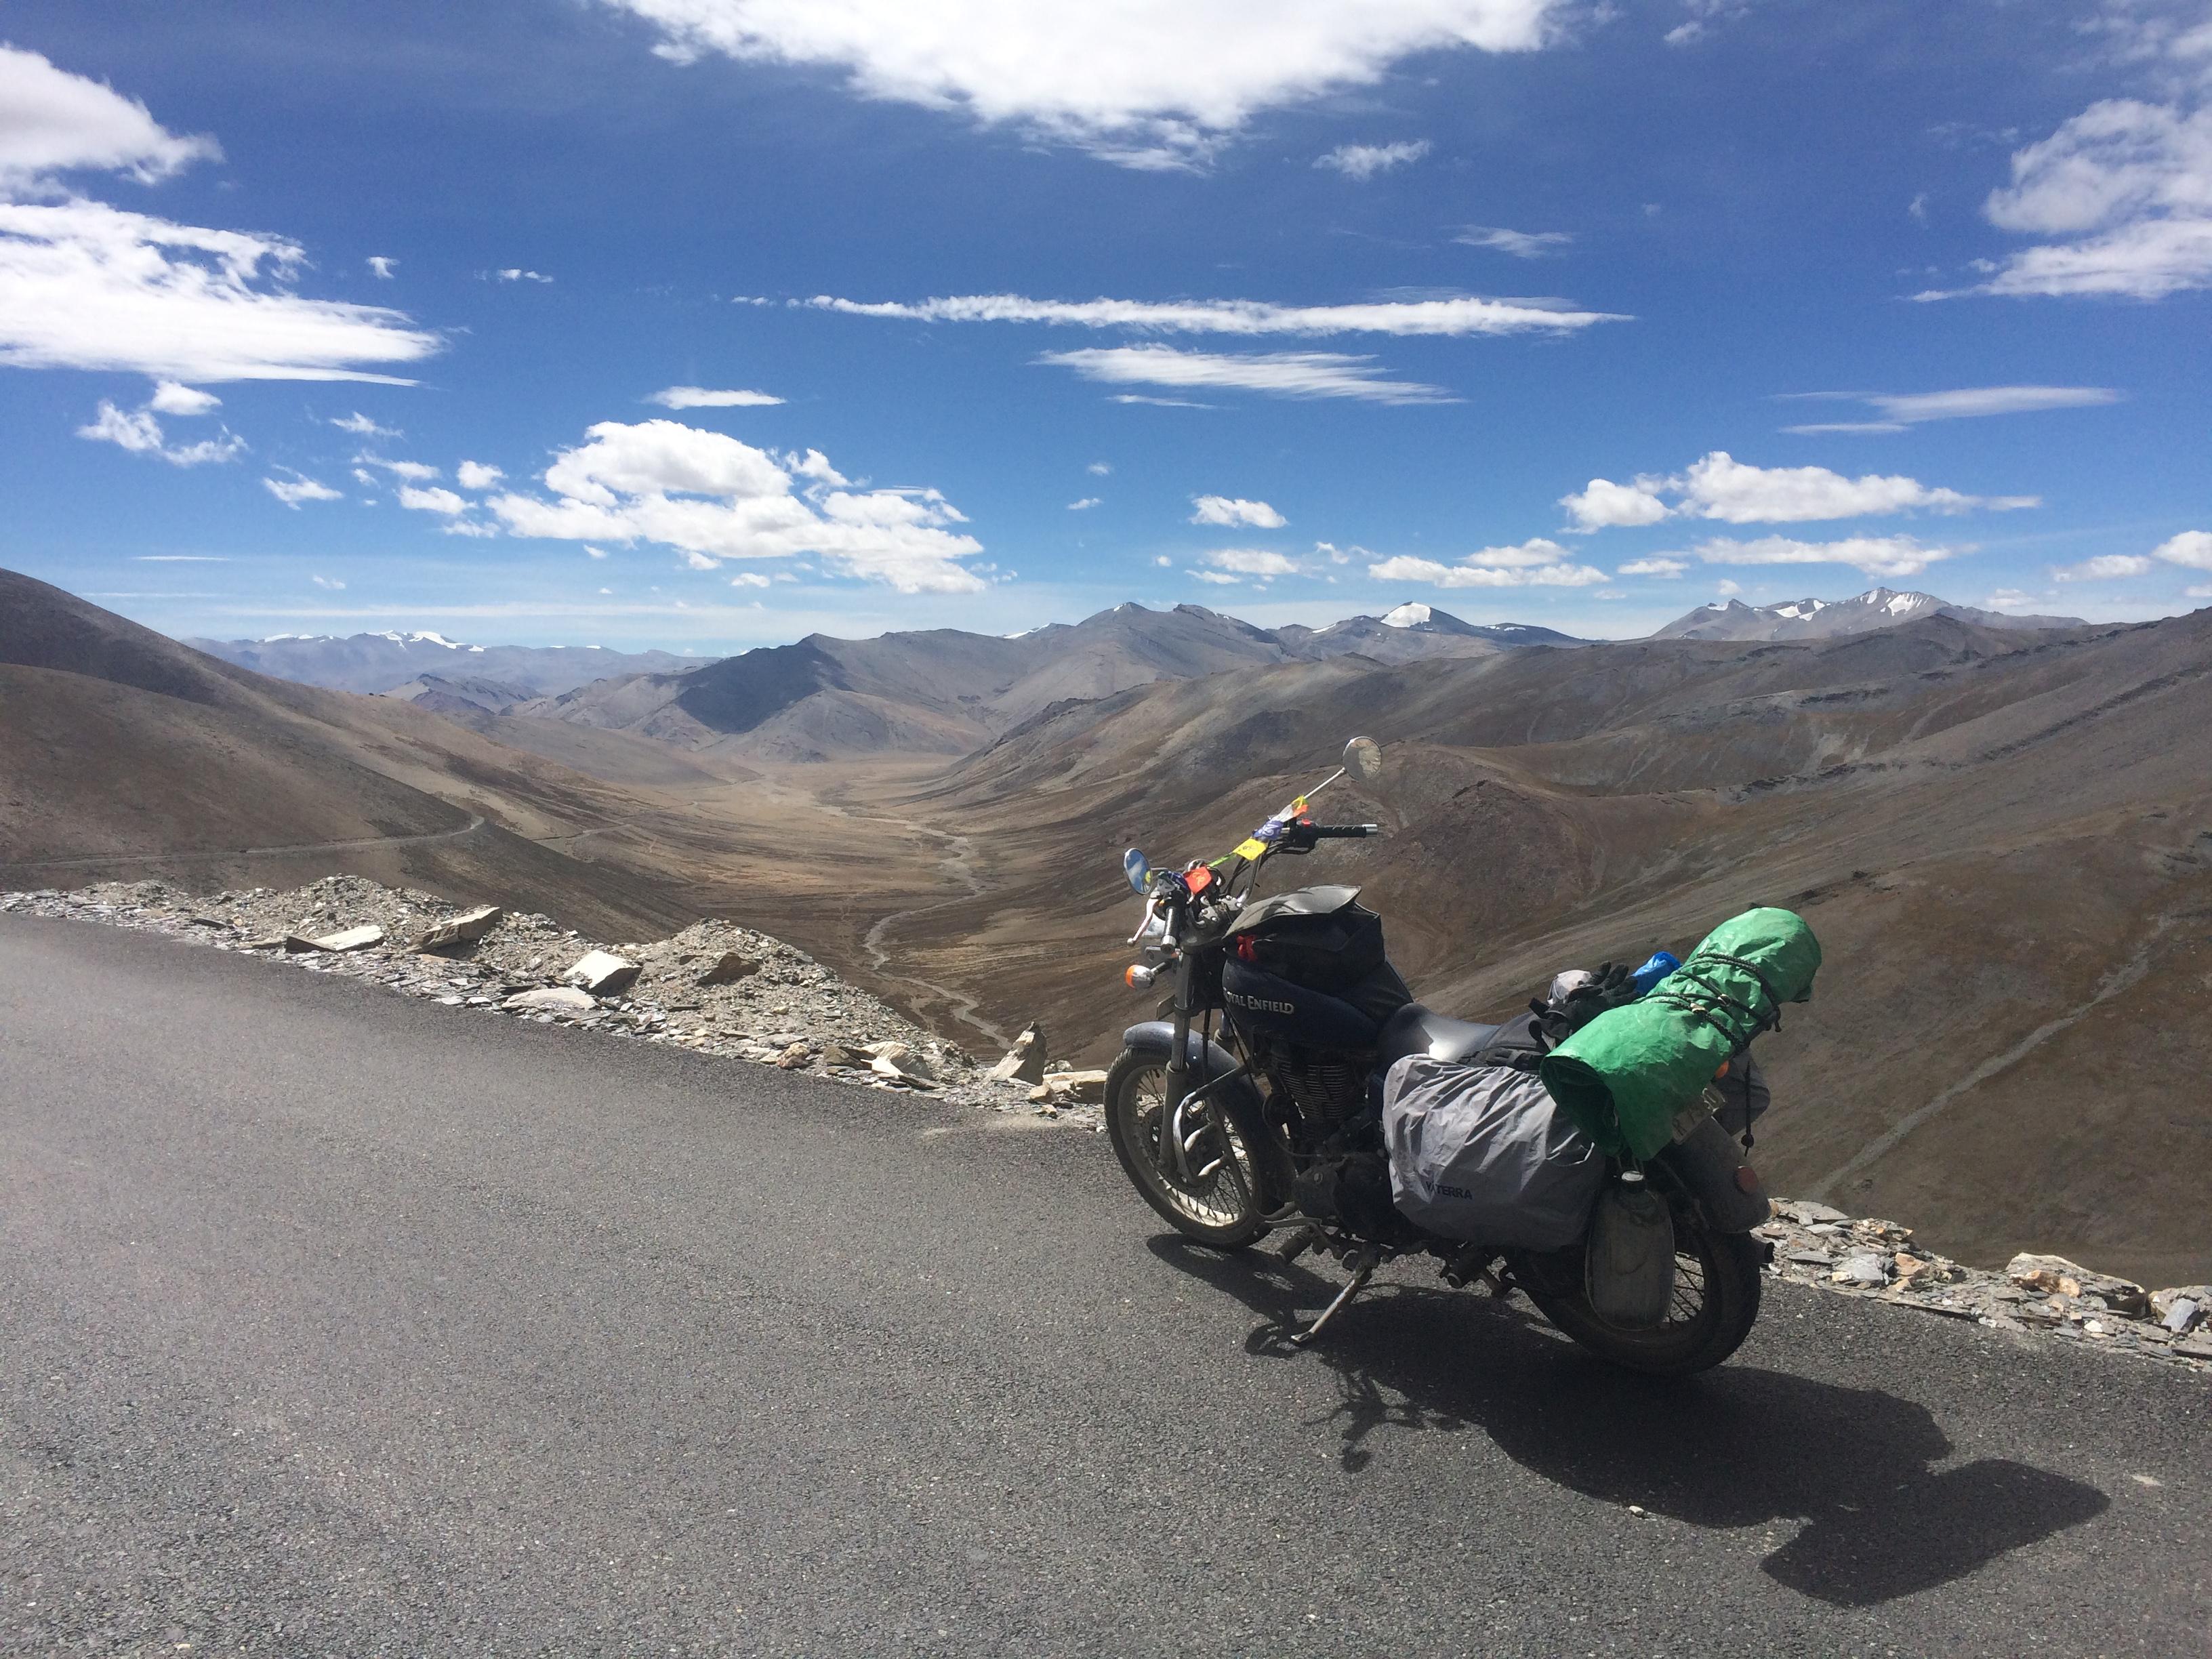 en 77 jours il a parcouru 11 000 kilom tres sur sa moto travers l 39 inde et ses photos donnent. Black Bedroom Furniture Sets. Home Design Ideas